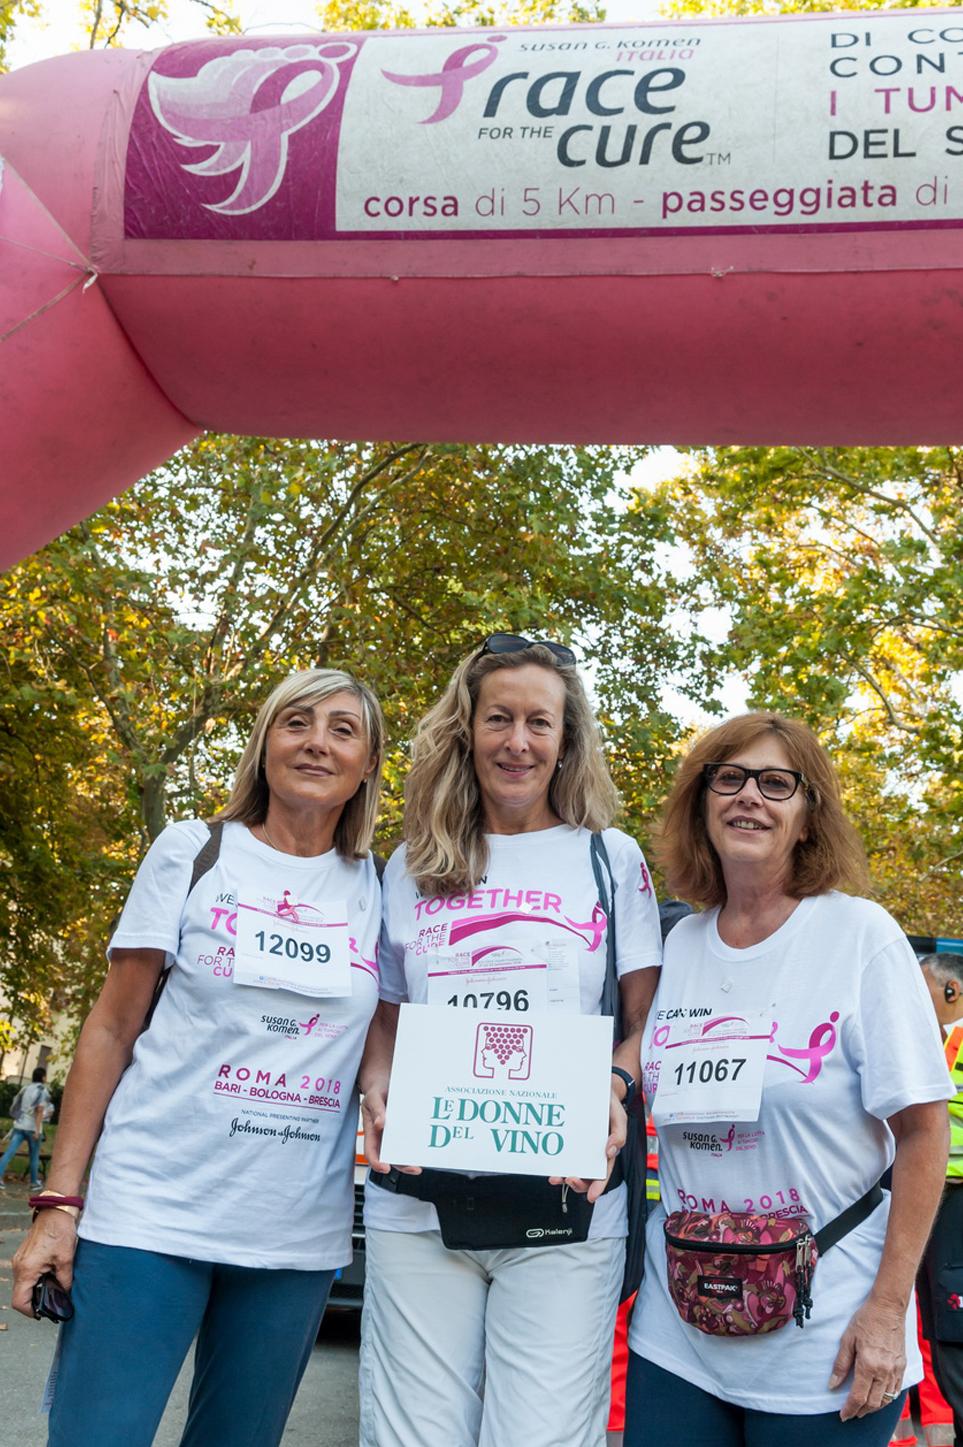 RACE FOR THE CURE  Le Donne dell'Emilia Romagna in corsa per la lotta contro i tumori. 23 settembre 2018